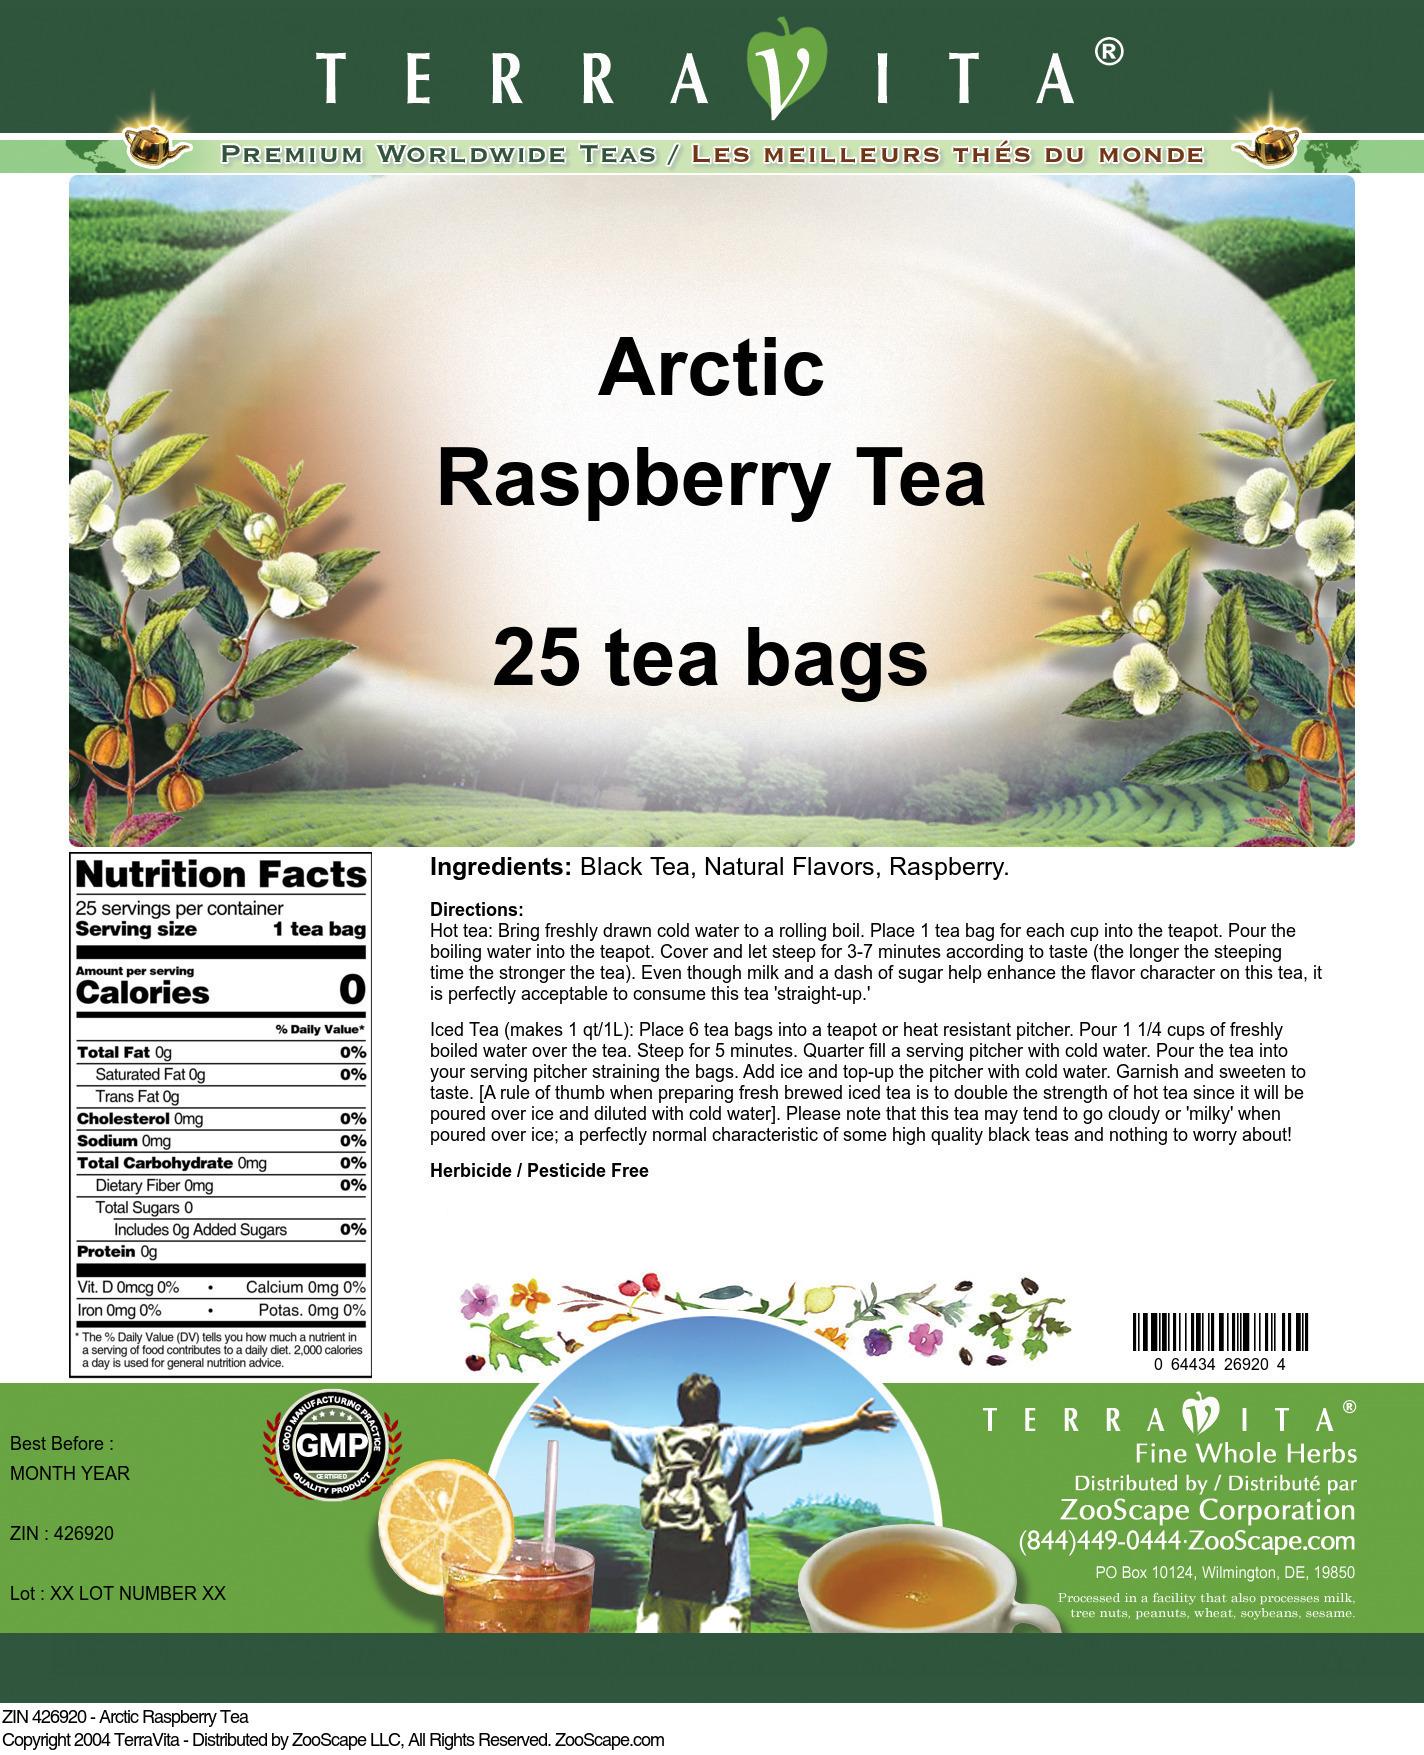 Arctic Raspberry